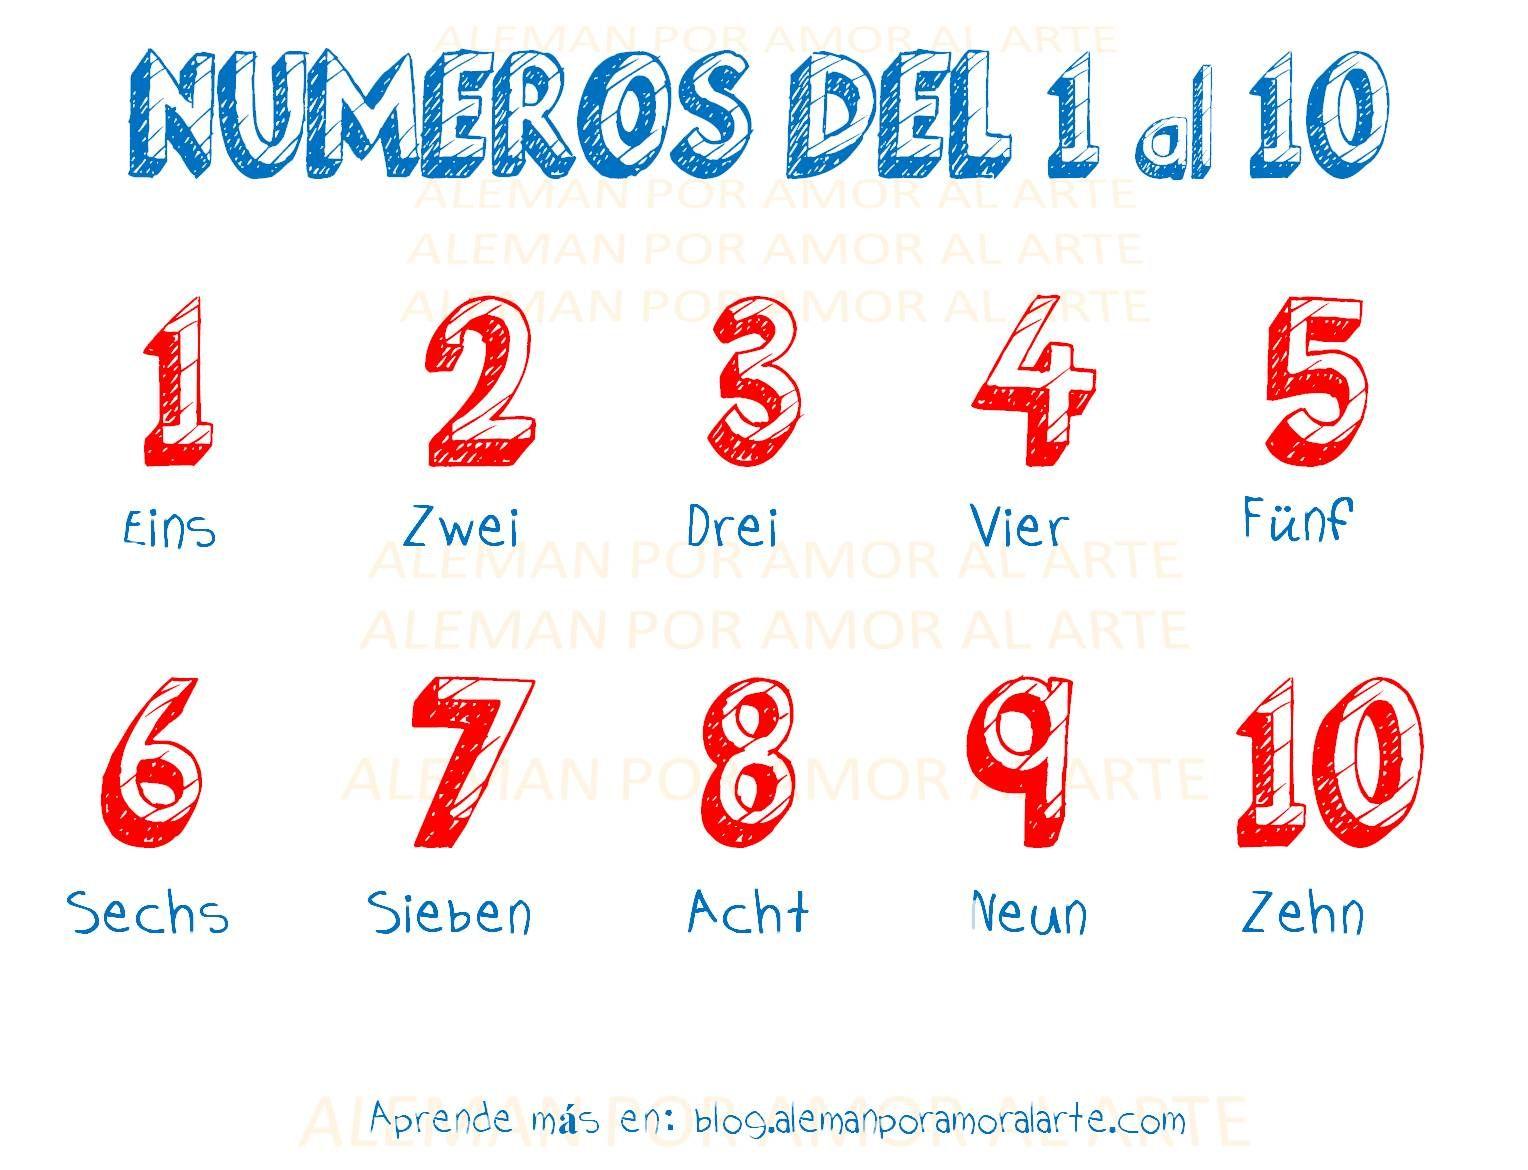 Números del 1 al 10 en alemán